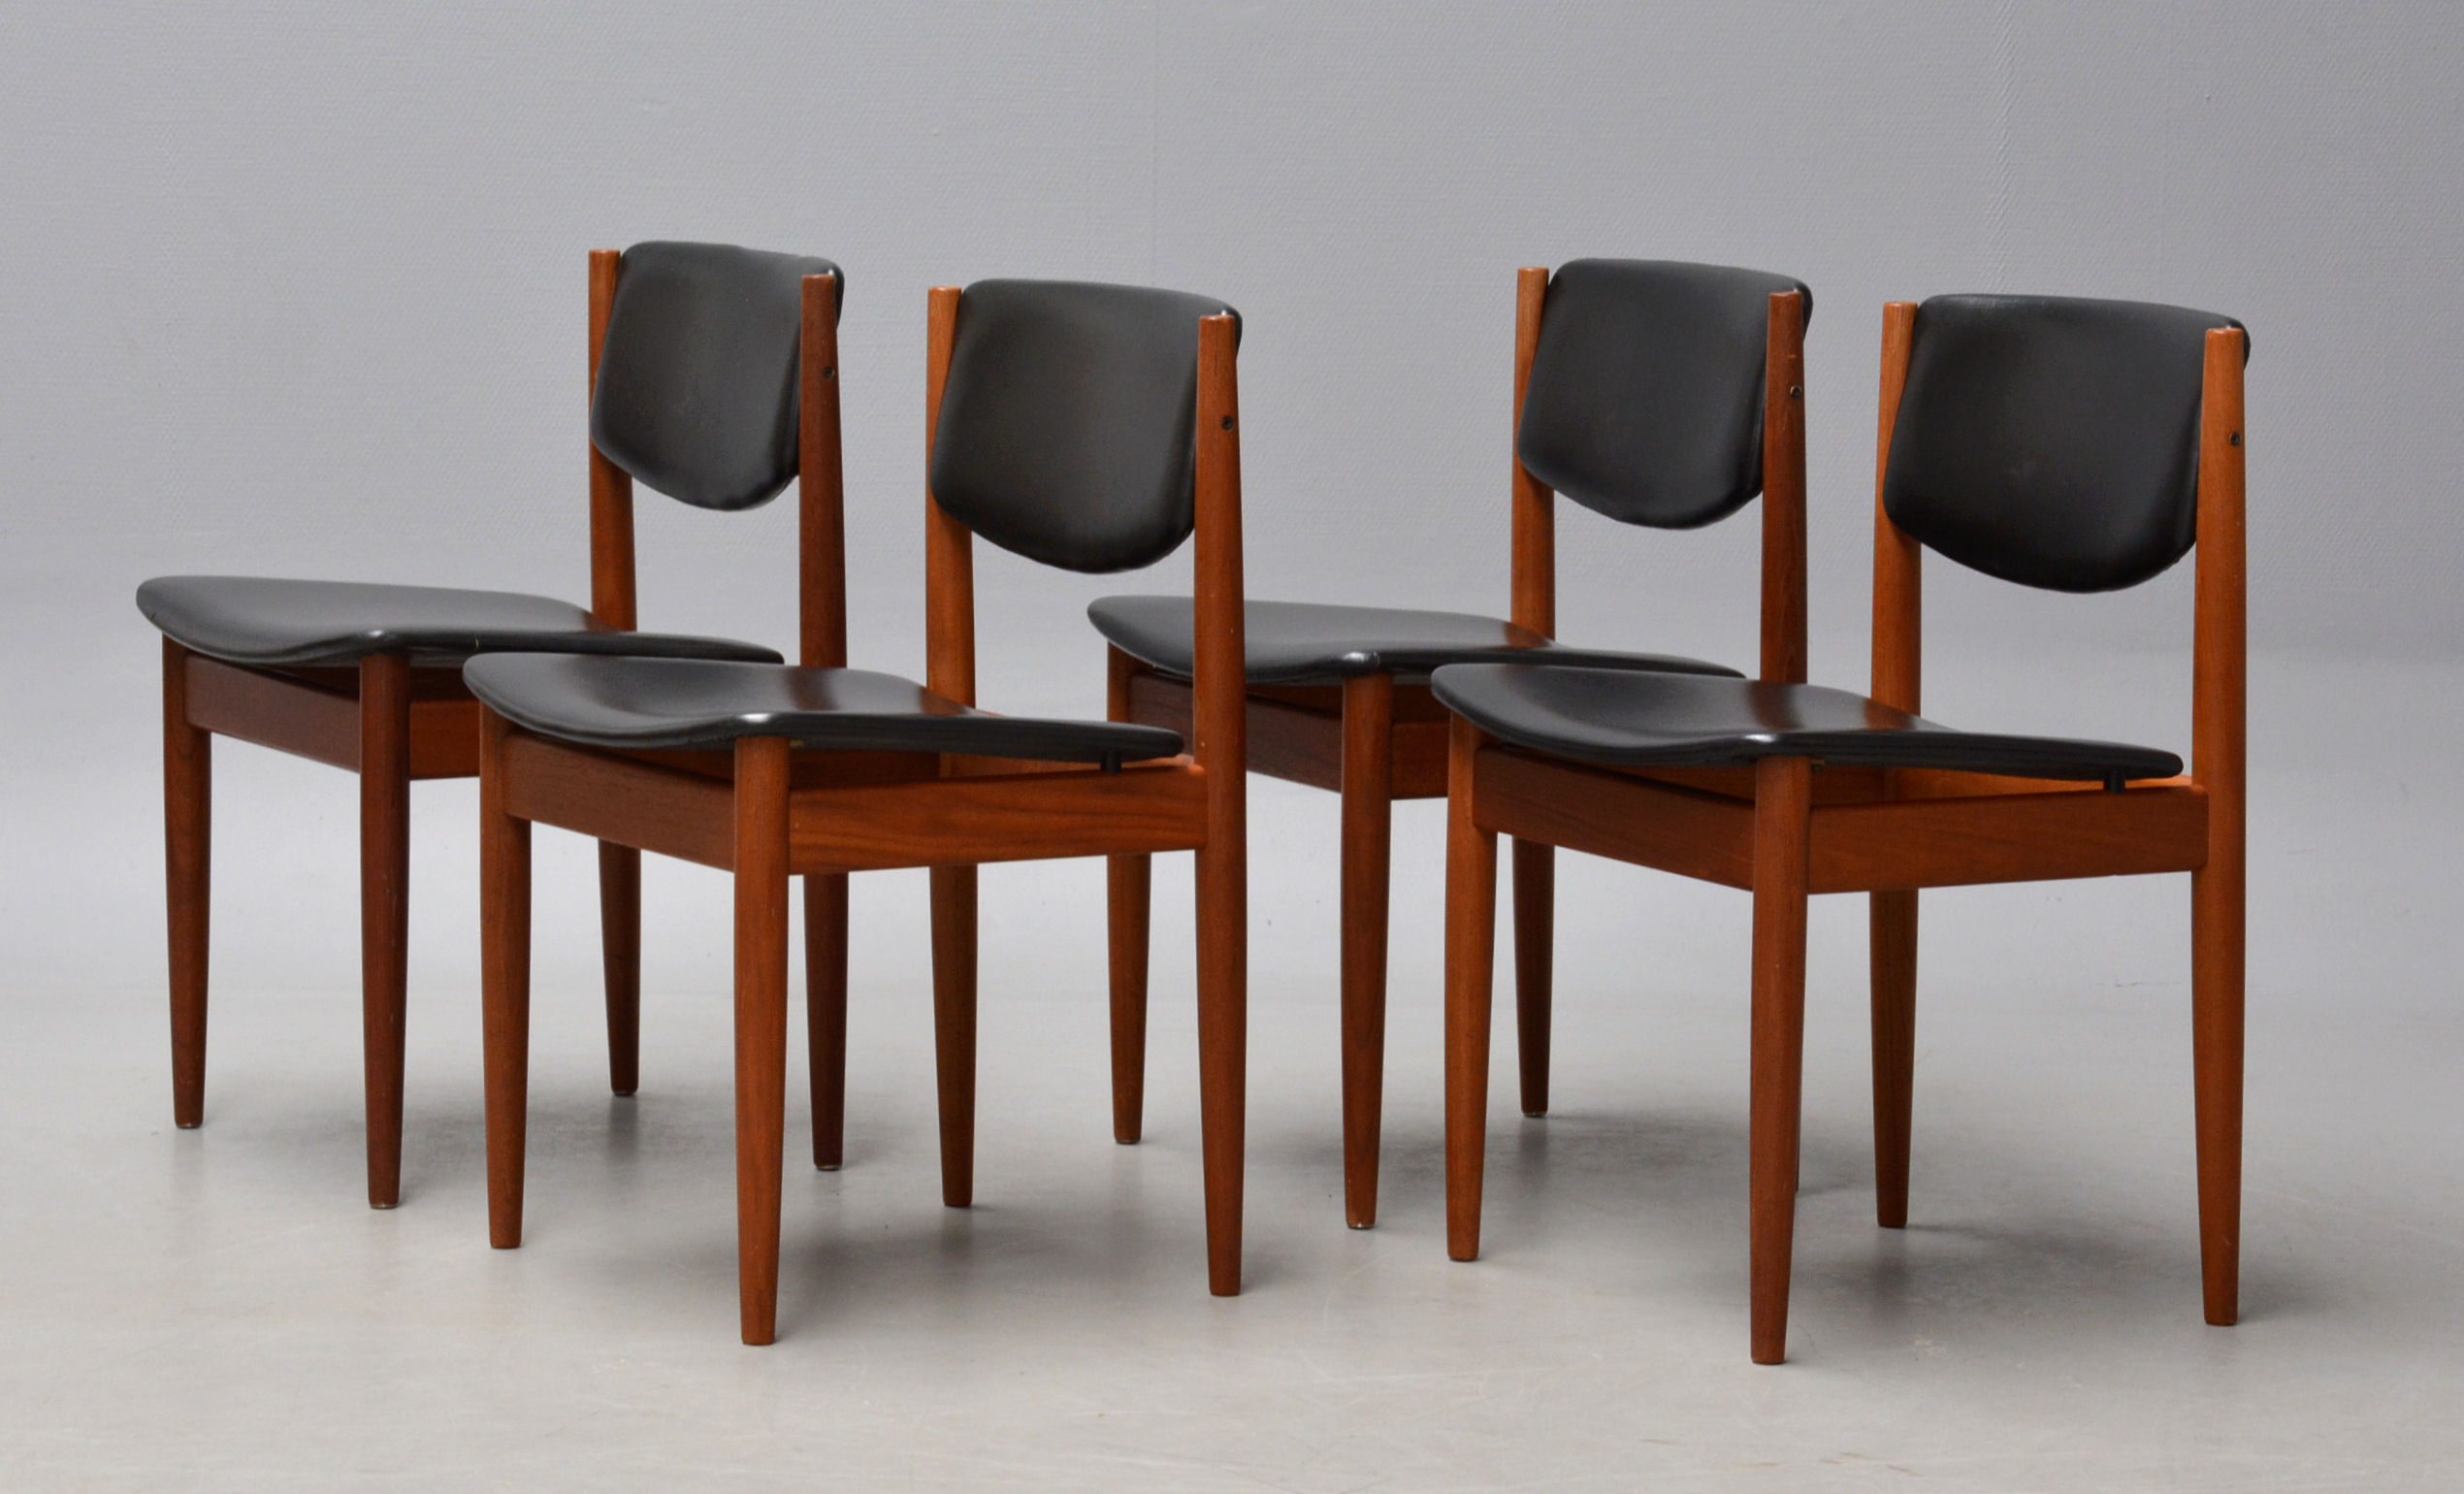 Finn Juhl. Four chairs in teak, model 197 (4)